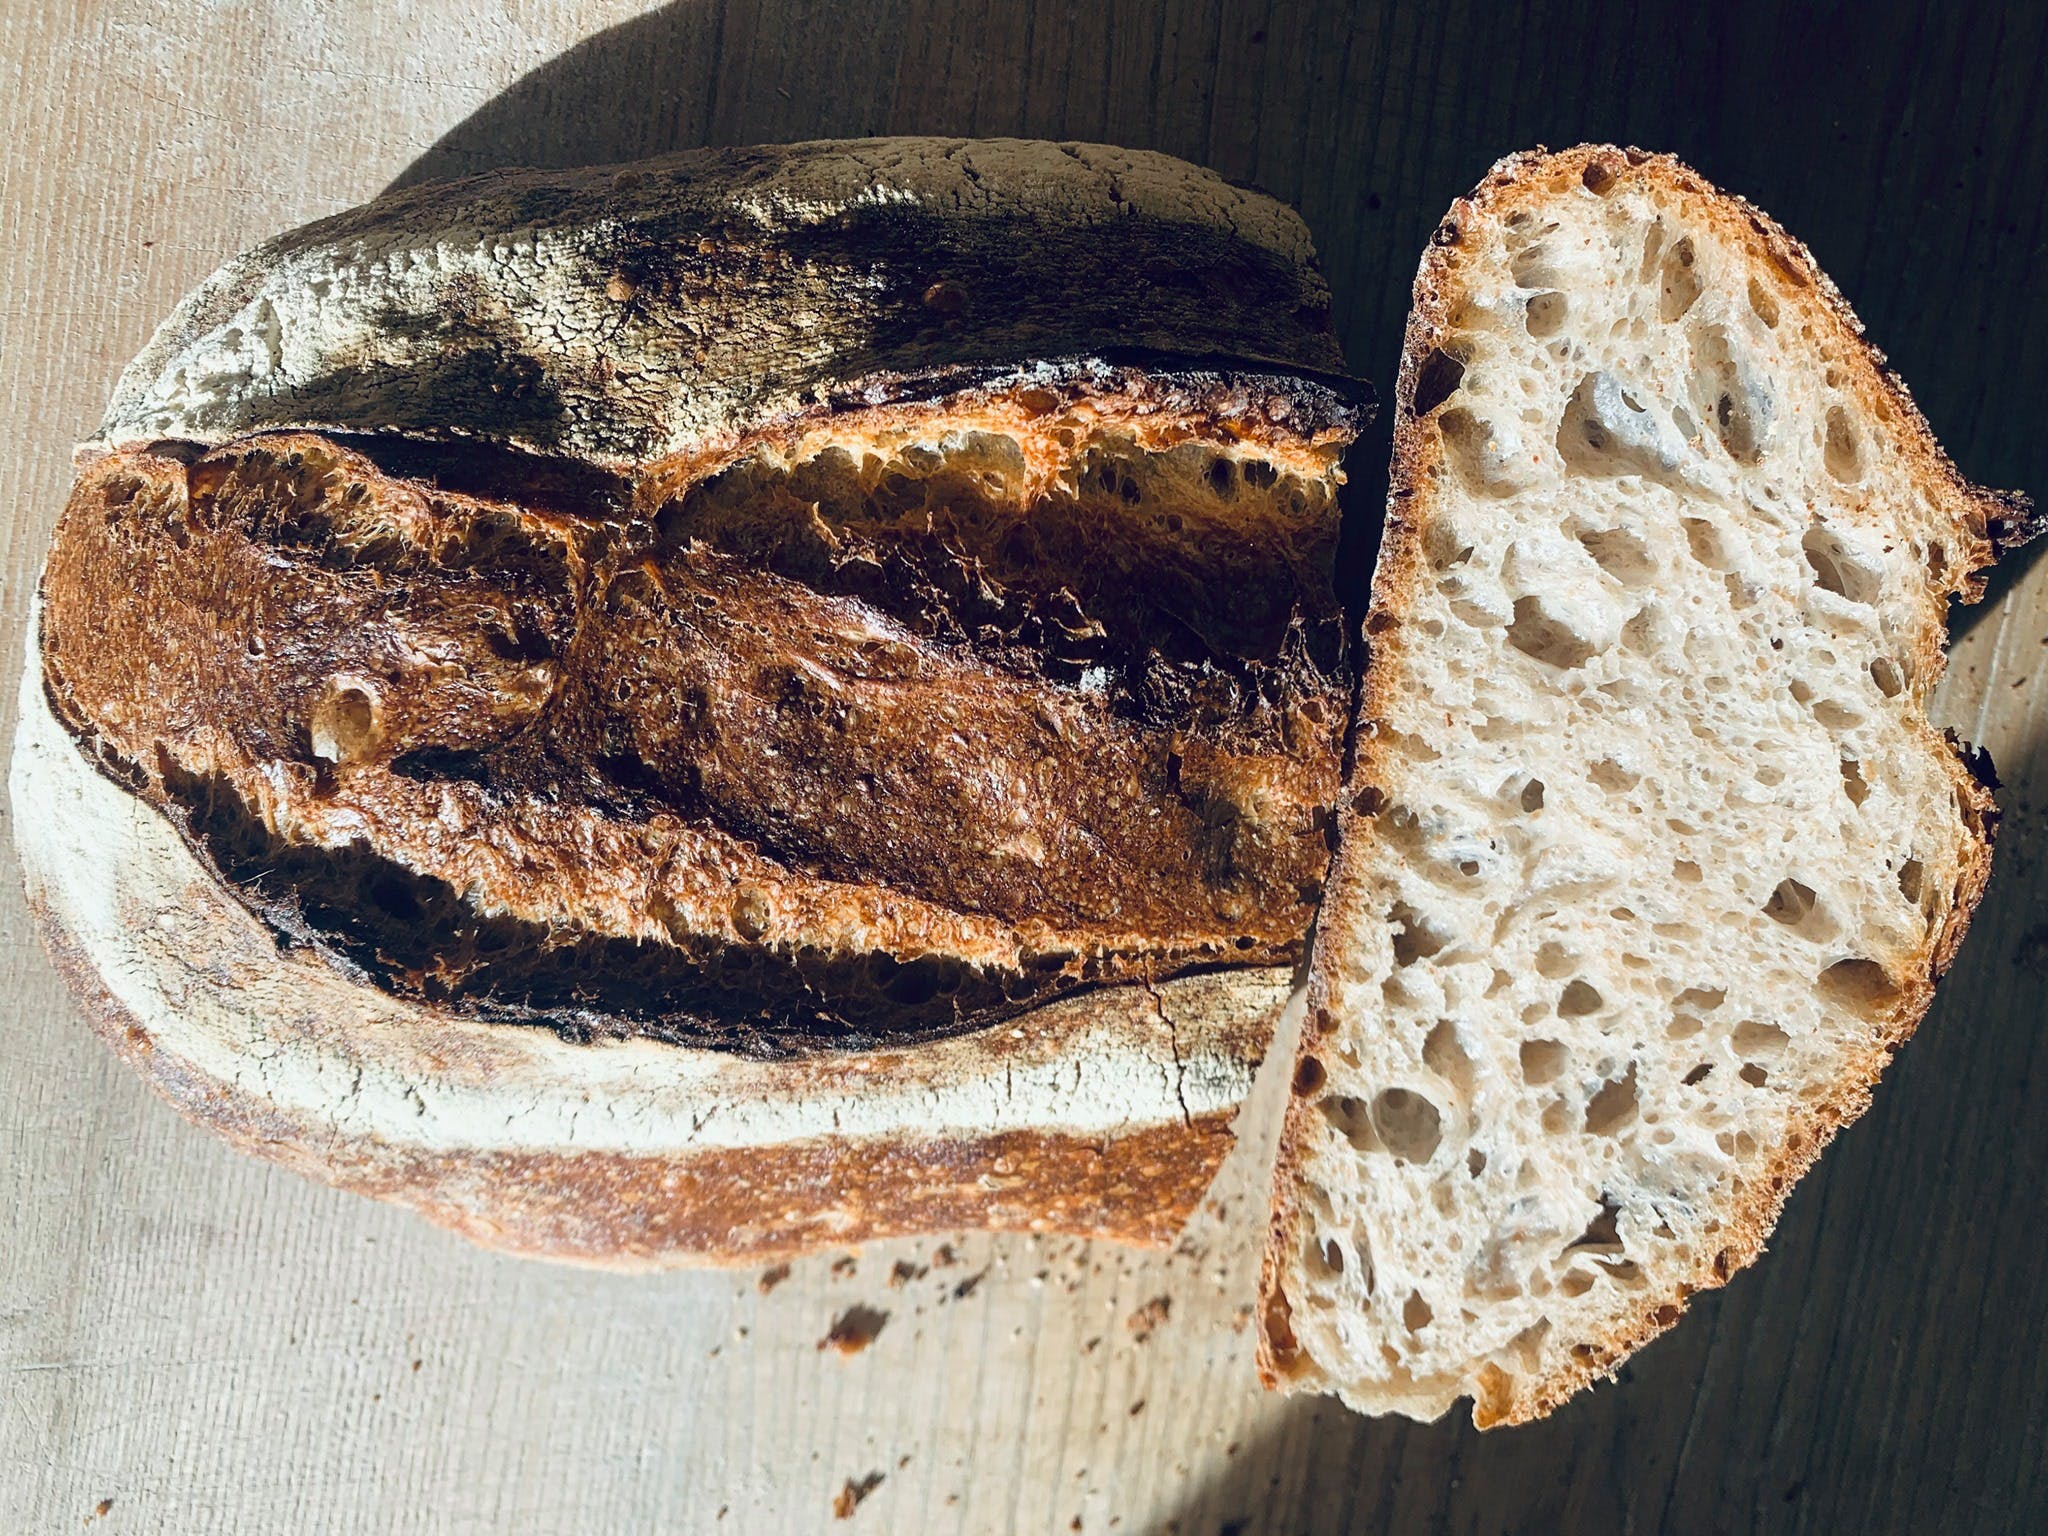 Ce weed-end, c'était le 16 octobre, la Journée Mondiale du pain ! L'occasion de vous présenter l'énergie des Boulangeries  ! L'énergie des boulangeries. Pain au chocolat ou chocolatine, Enercoop va au-delà des clivages pour cuire à l'énergie verte les baguettes de ton petit dej' (ou de tes tartines de fromage). La coopérative en Languedoc-Roussillon en est un bon exemple. Découvez les boulangeries de votre région.